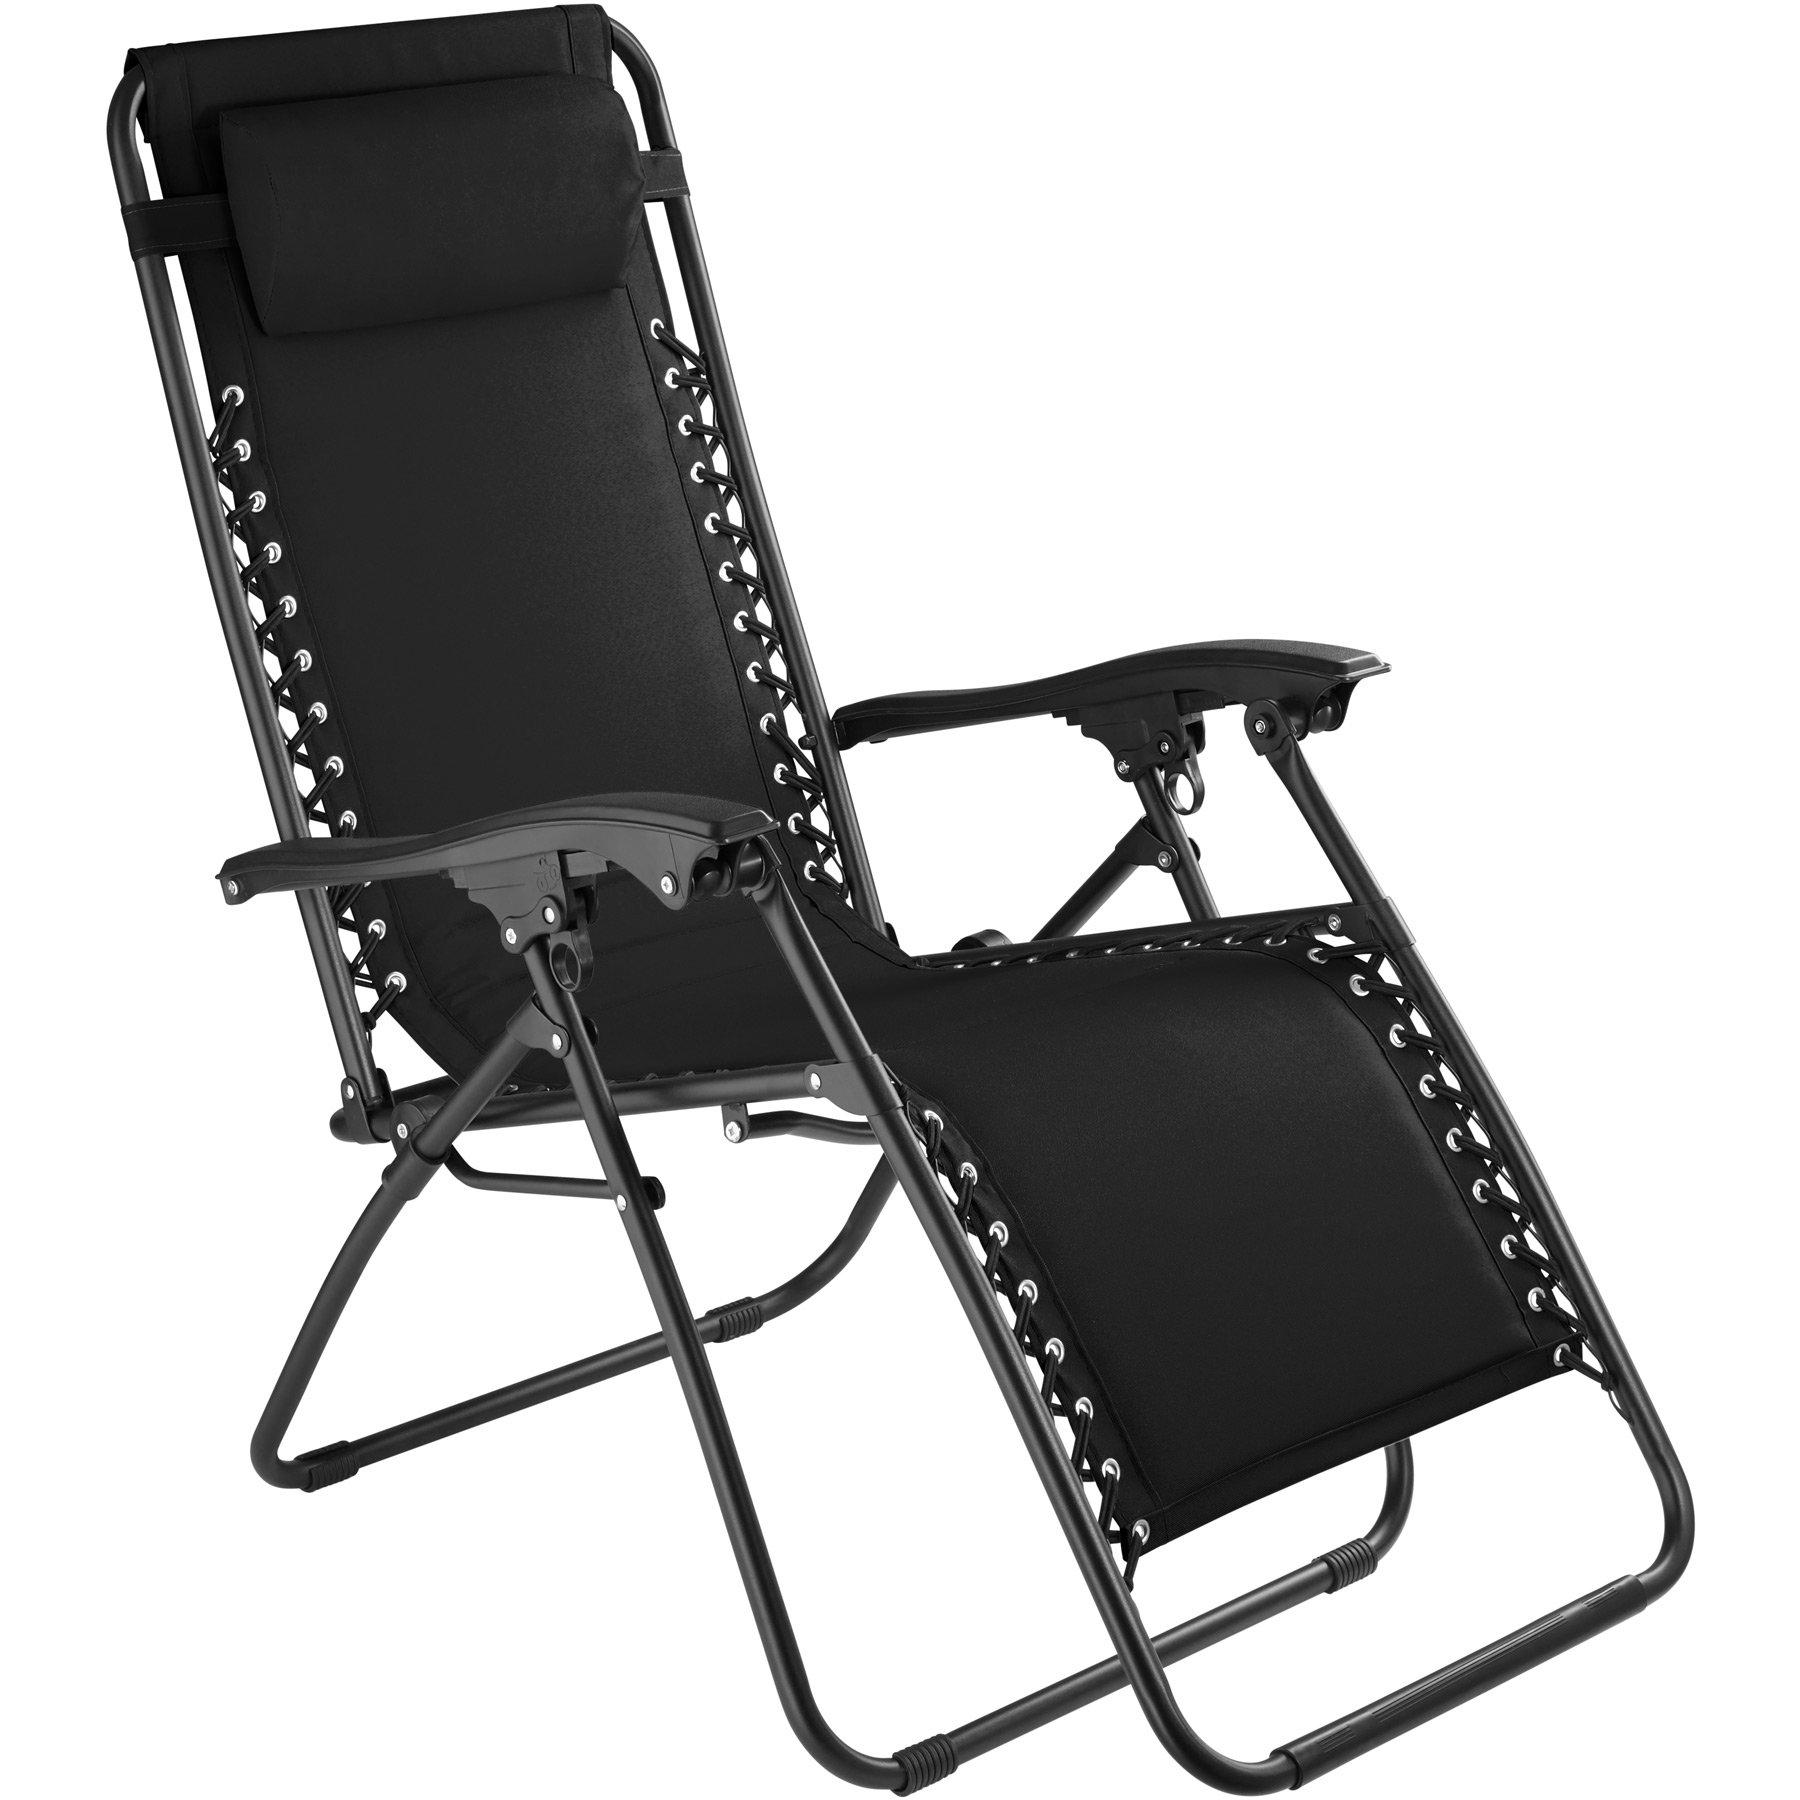 Top Chaises longues de jardin selon les notes Amazon.fr